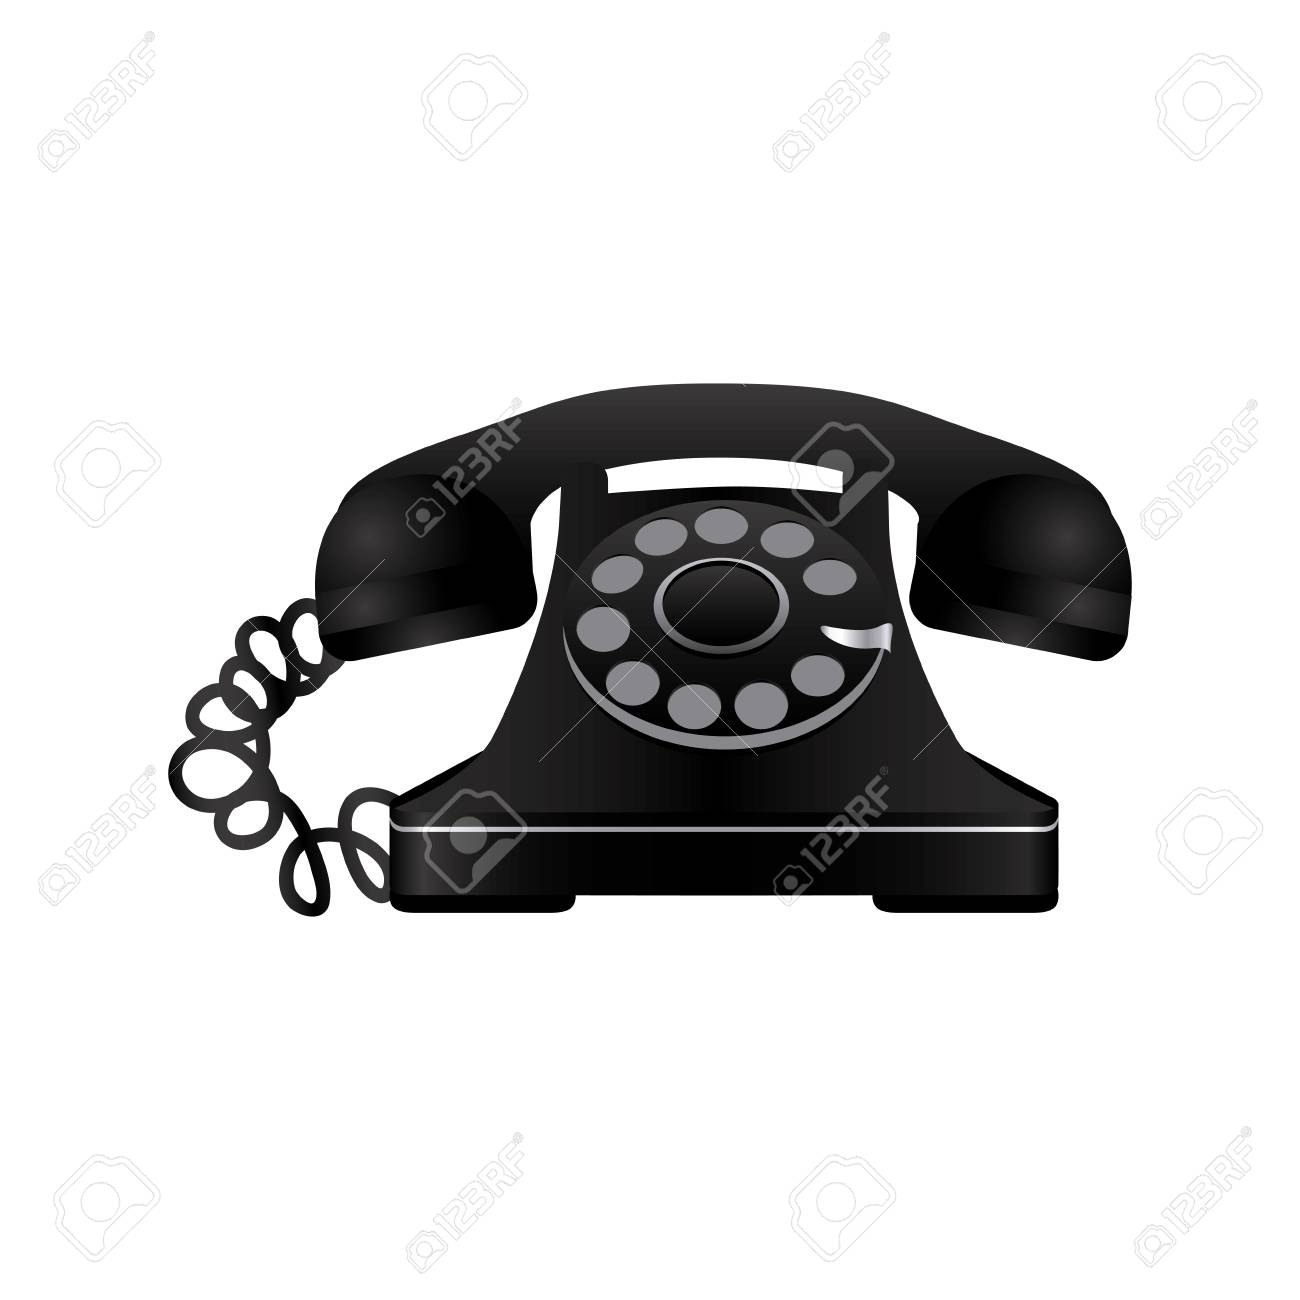 sticker color telephone icon vector illustraction design image